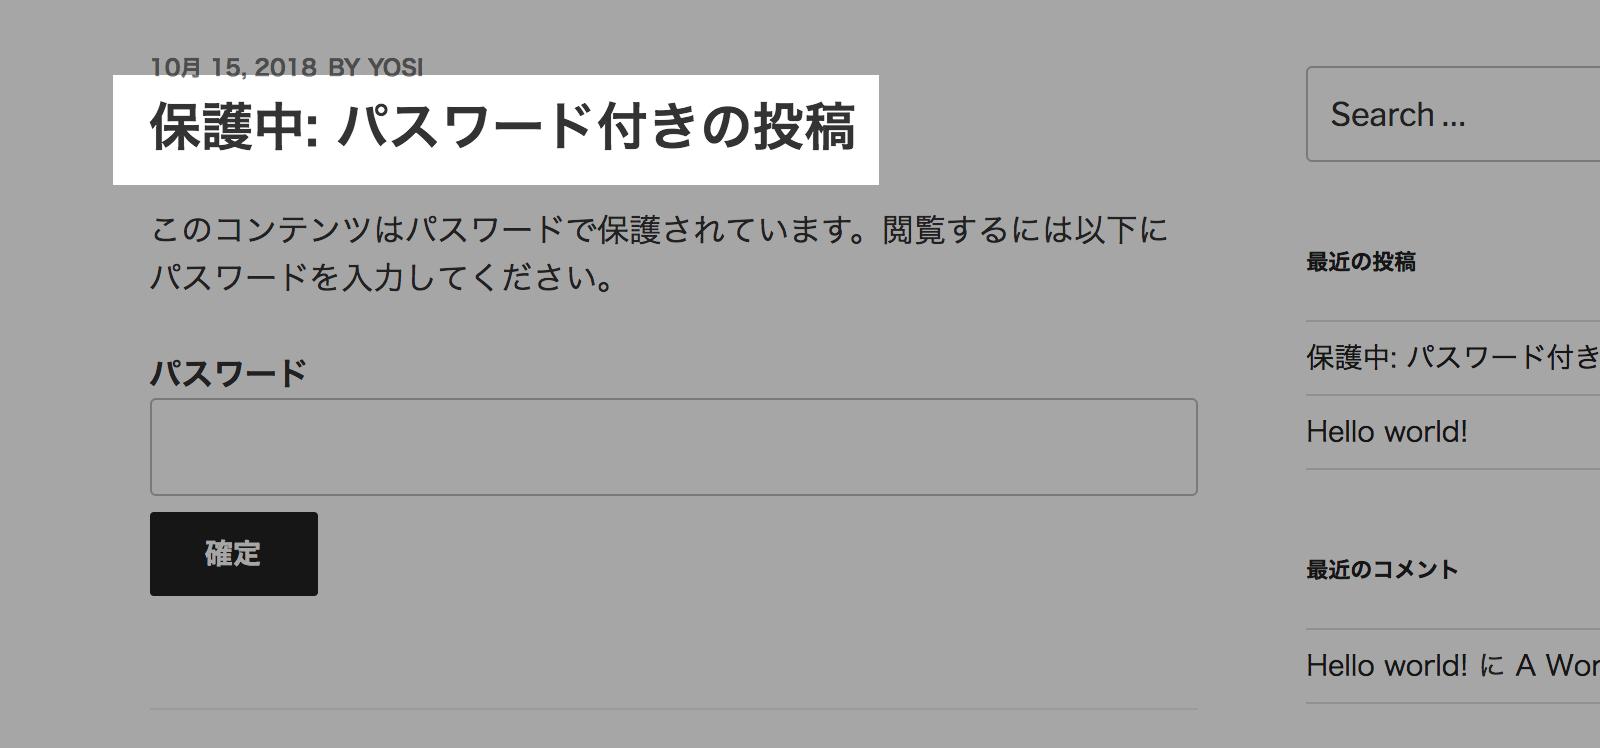 パスワード保護したページには「保護中」が表示される